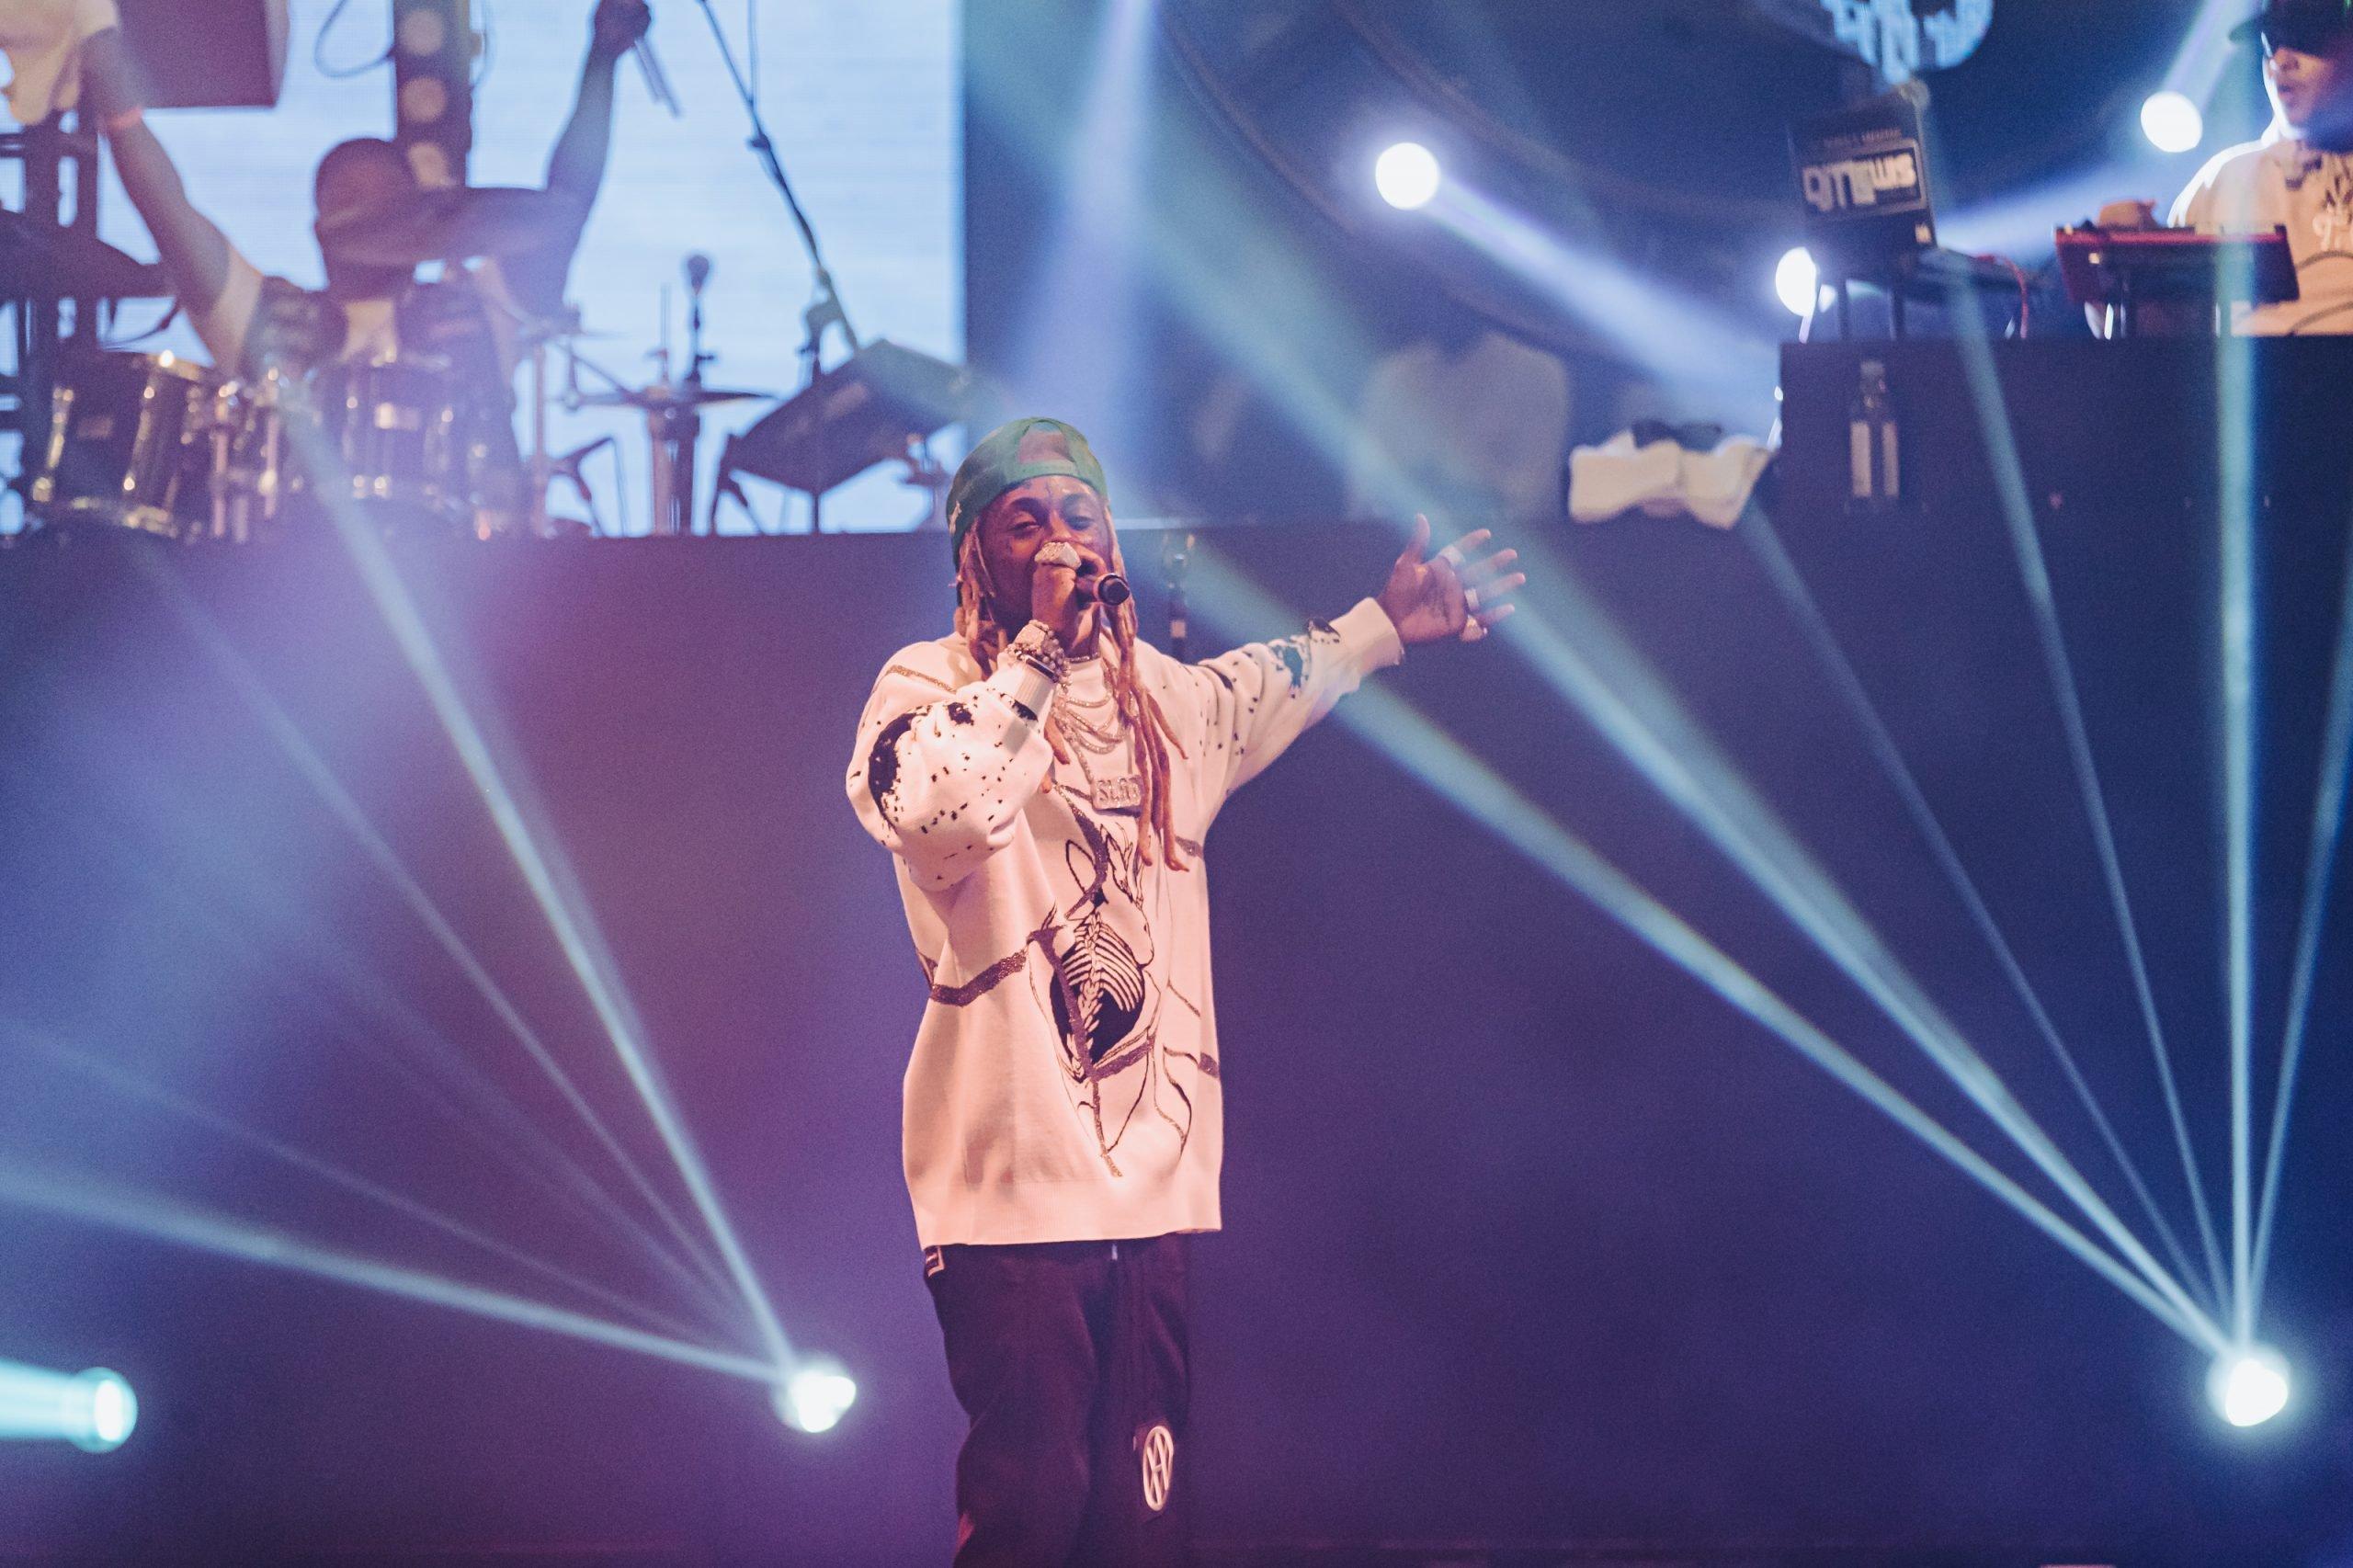 Lil' Wayne Las Vegas 2021, Lil' Wayne Las Vegas Drai's, Lil' Wayne Las Vegas Nightclub 2021